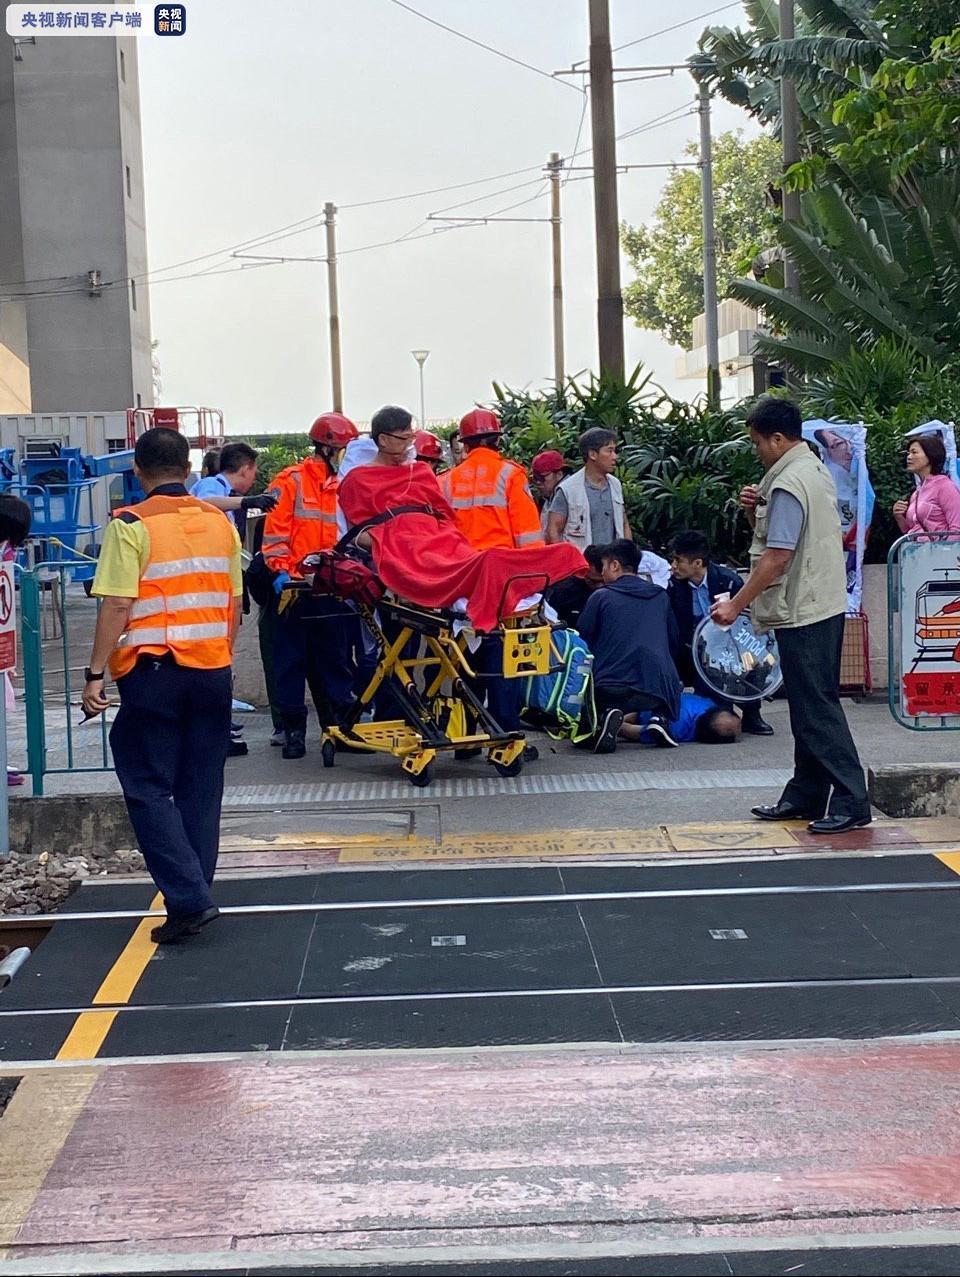 8时44分,何君尧在屯门启丰园商场参加区议会选举宣传活动时遇袭。事发后一名男子被制服,警方怀疑是他用刀刺伤何君尧。现场遗留下疑是凶器的刀子。